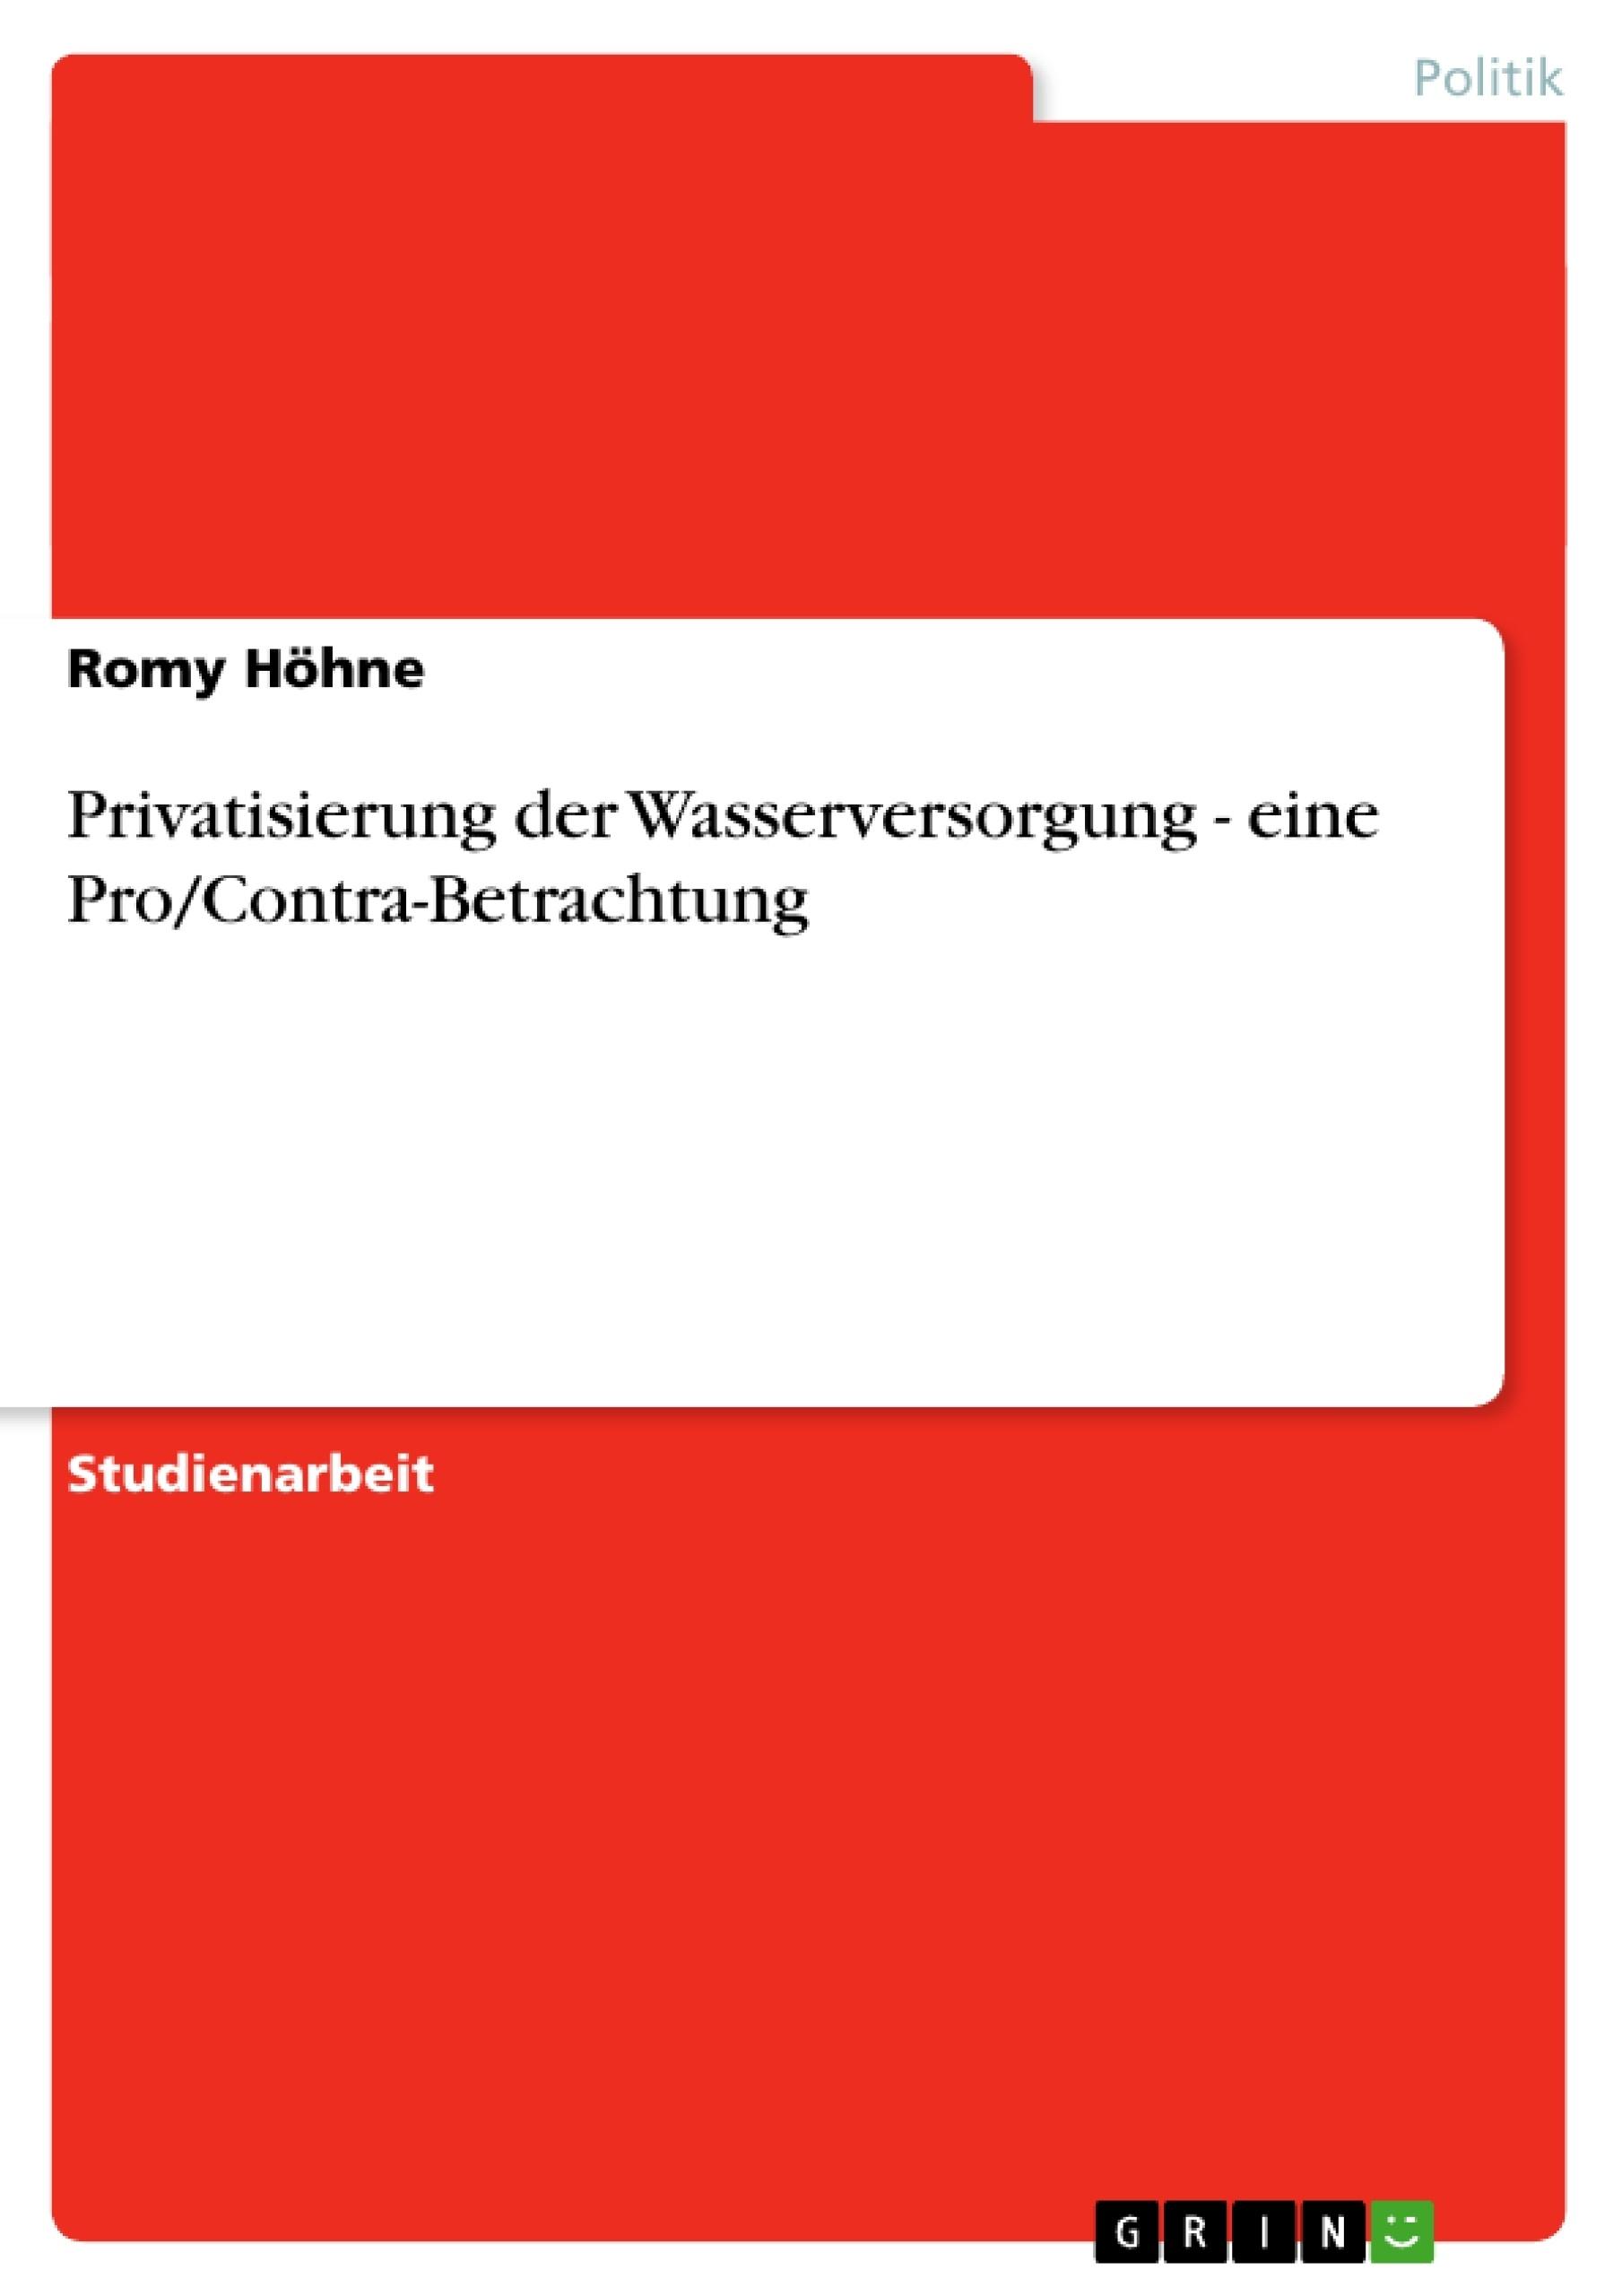 Titel: Privatisierung der Wasserversorgung - eine Pro/Contra-Betrachtung